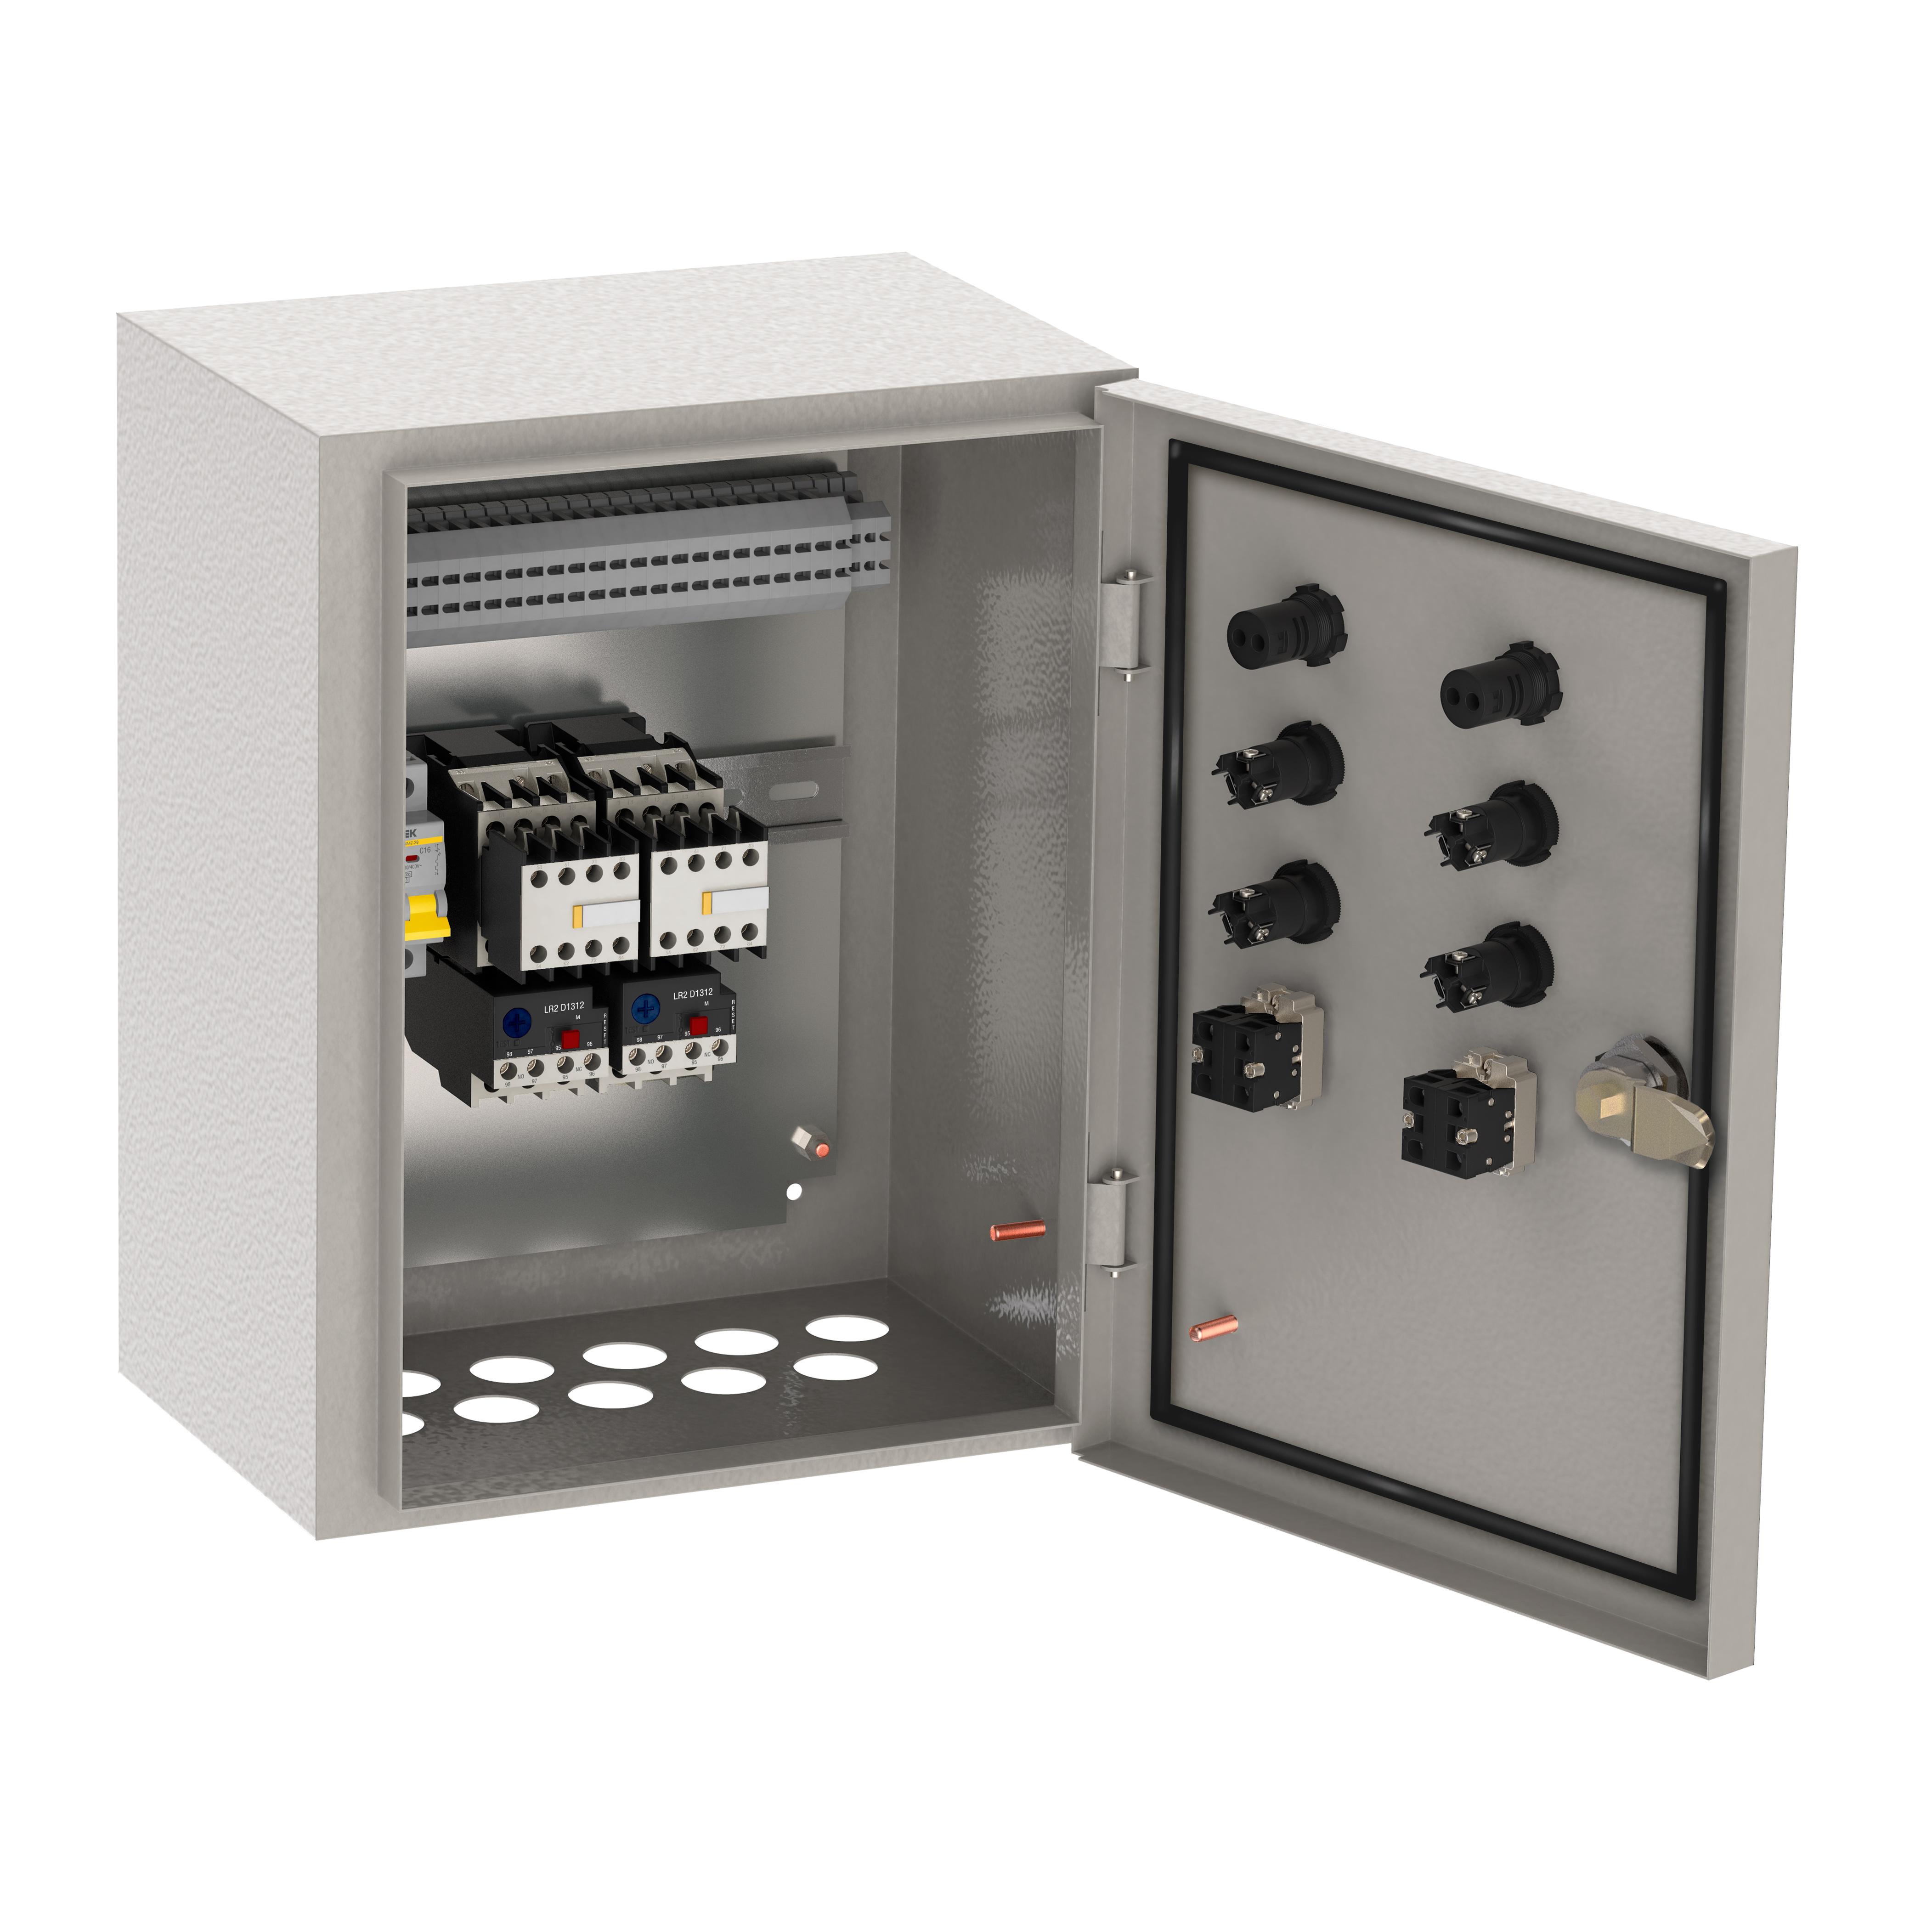 Ящик управления РУСМ5119-3174 нереверсивный 3 фидера автоматический выключатель на каждый фидер с переключателем на автоматический режим 12А IP54 IEK